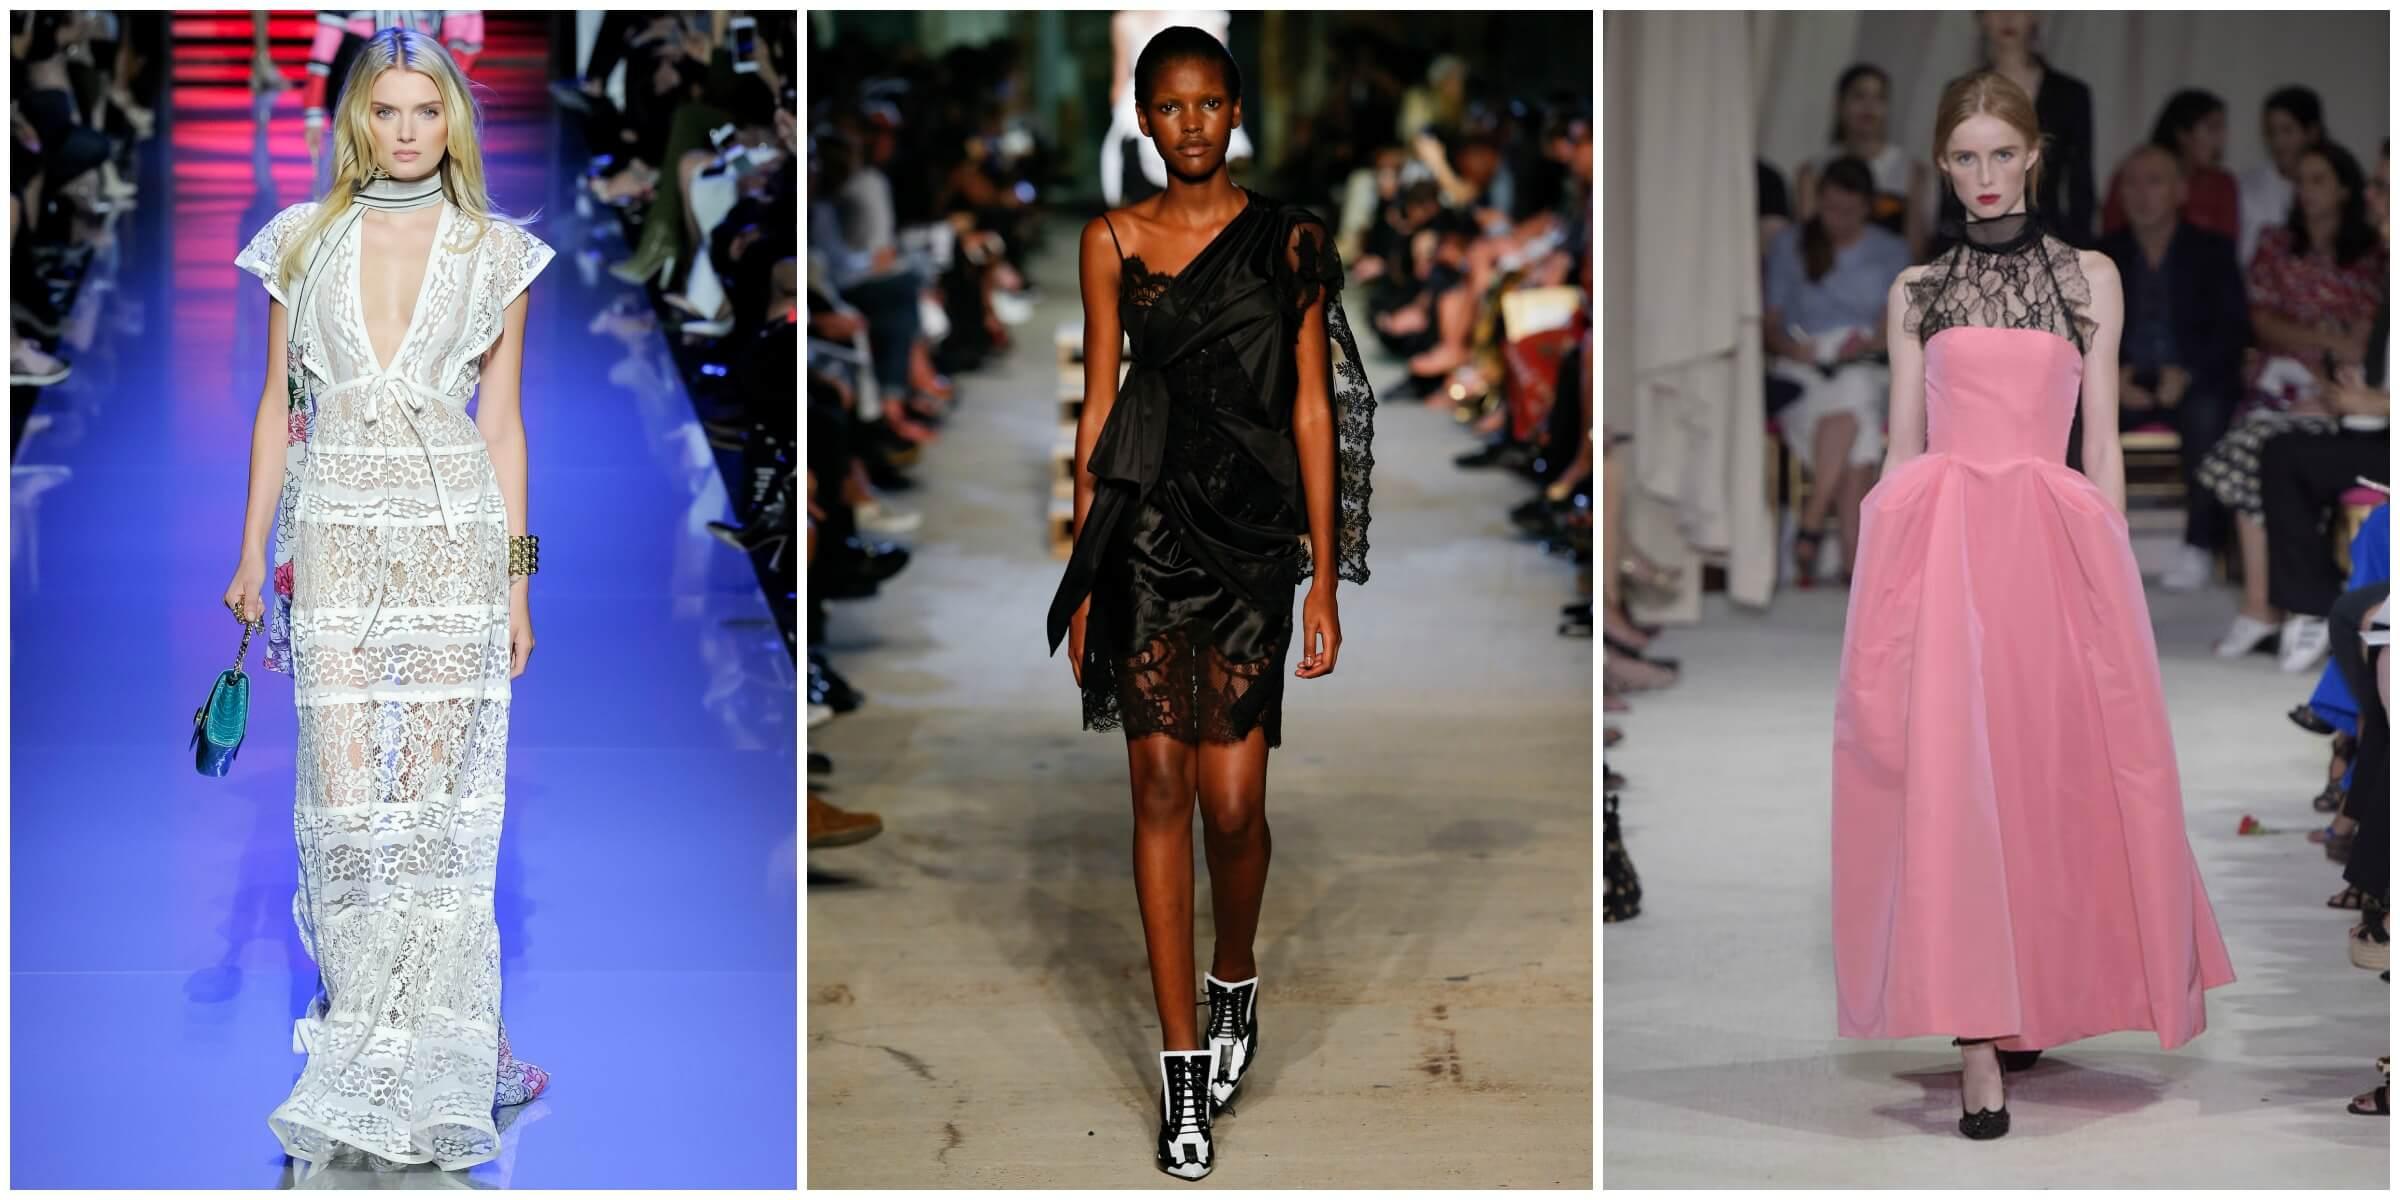 Elie Saab Spring 2016 via Vogue; Givenchy Spring 2016 via Vogue; Oscar De La Renta Spring 2016 via Glamour